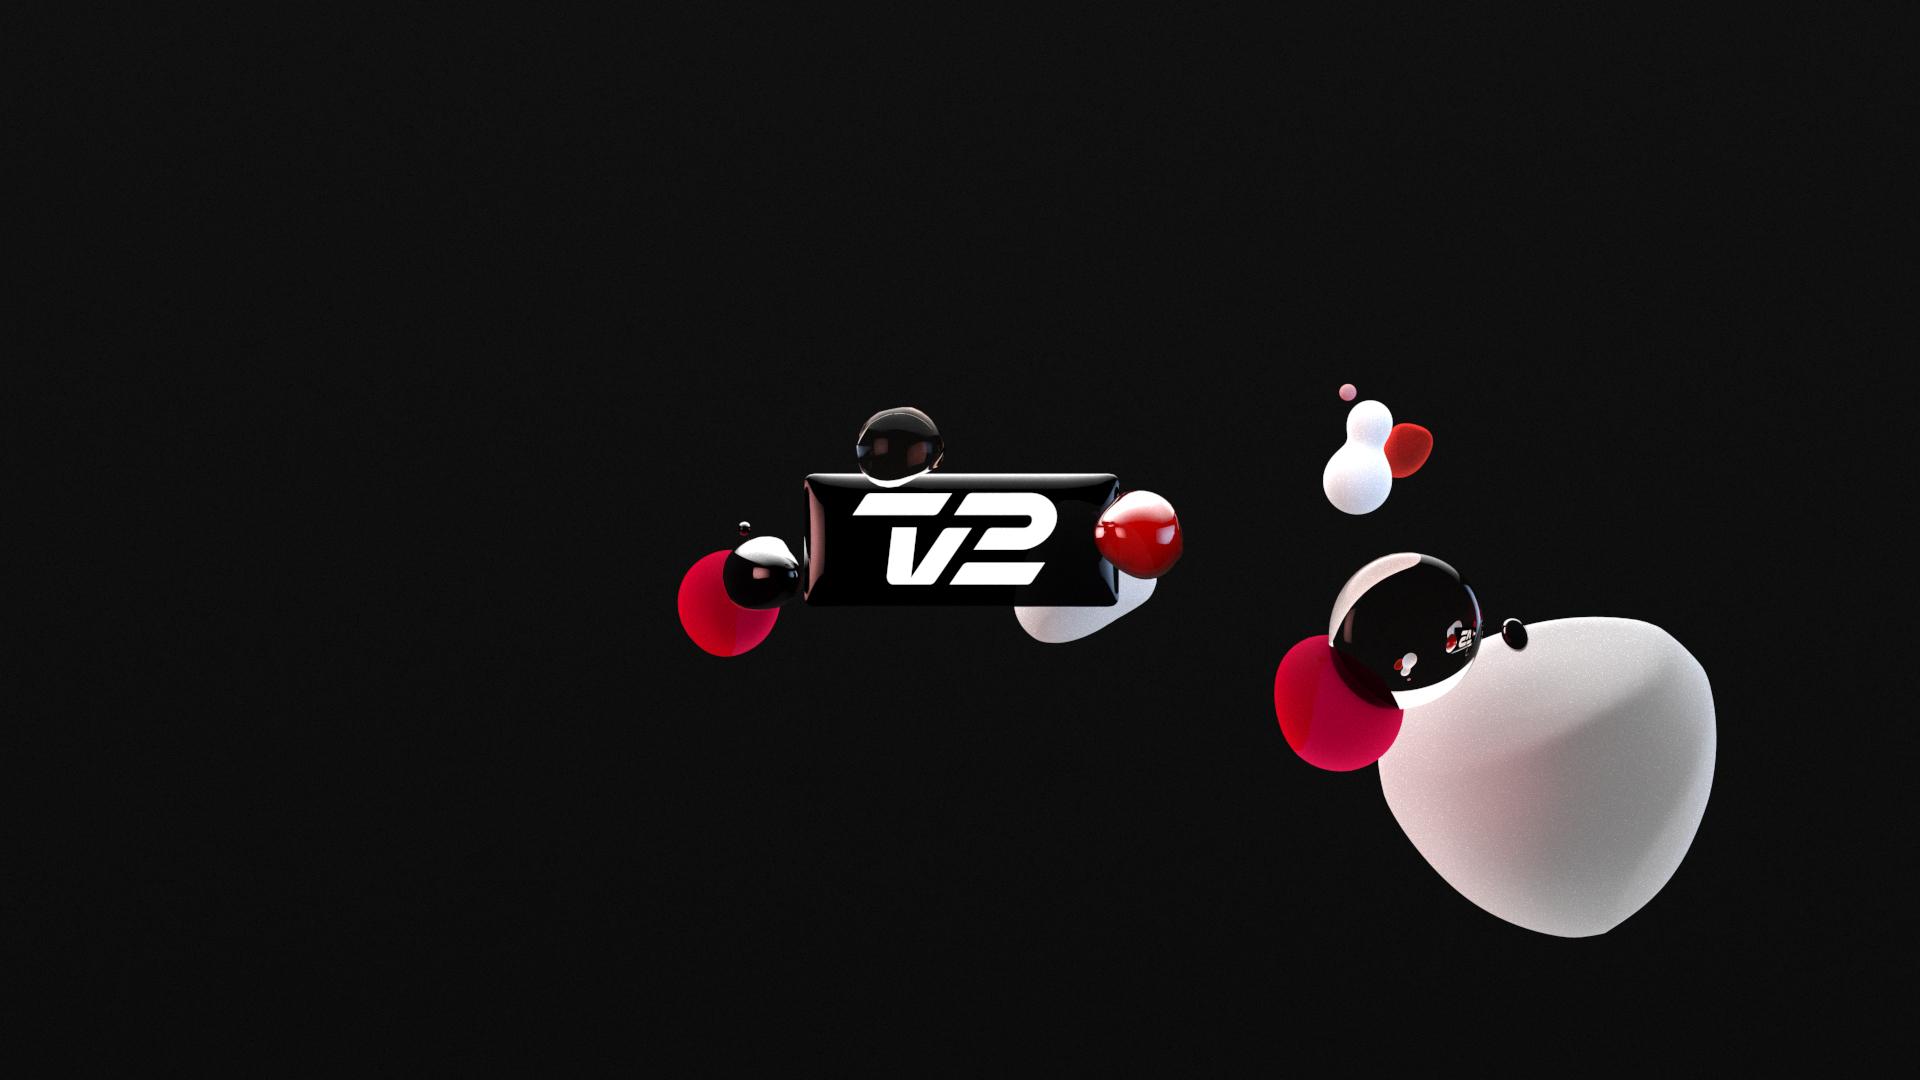 Tv2 Denmark On Air Identity 2012 13 Motion Design Direction By Steffen Knoesgaard